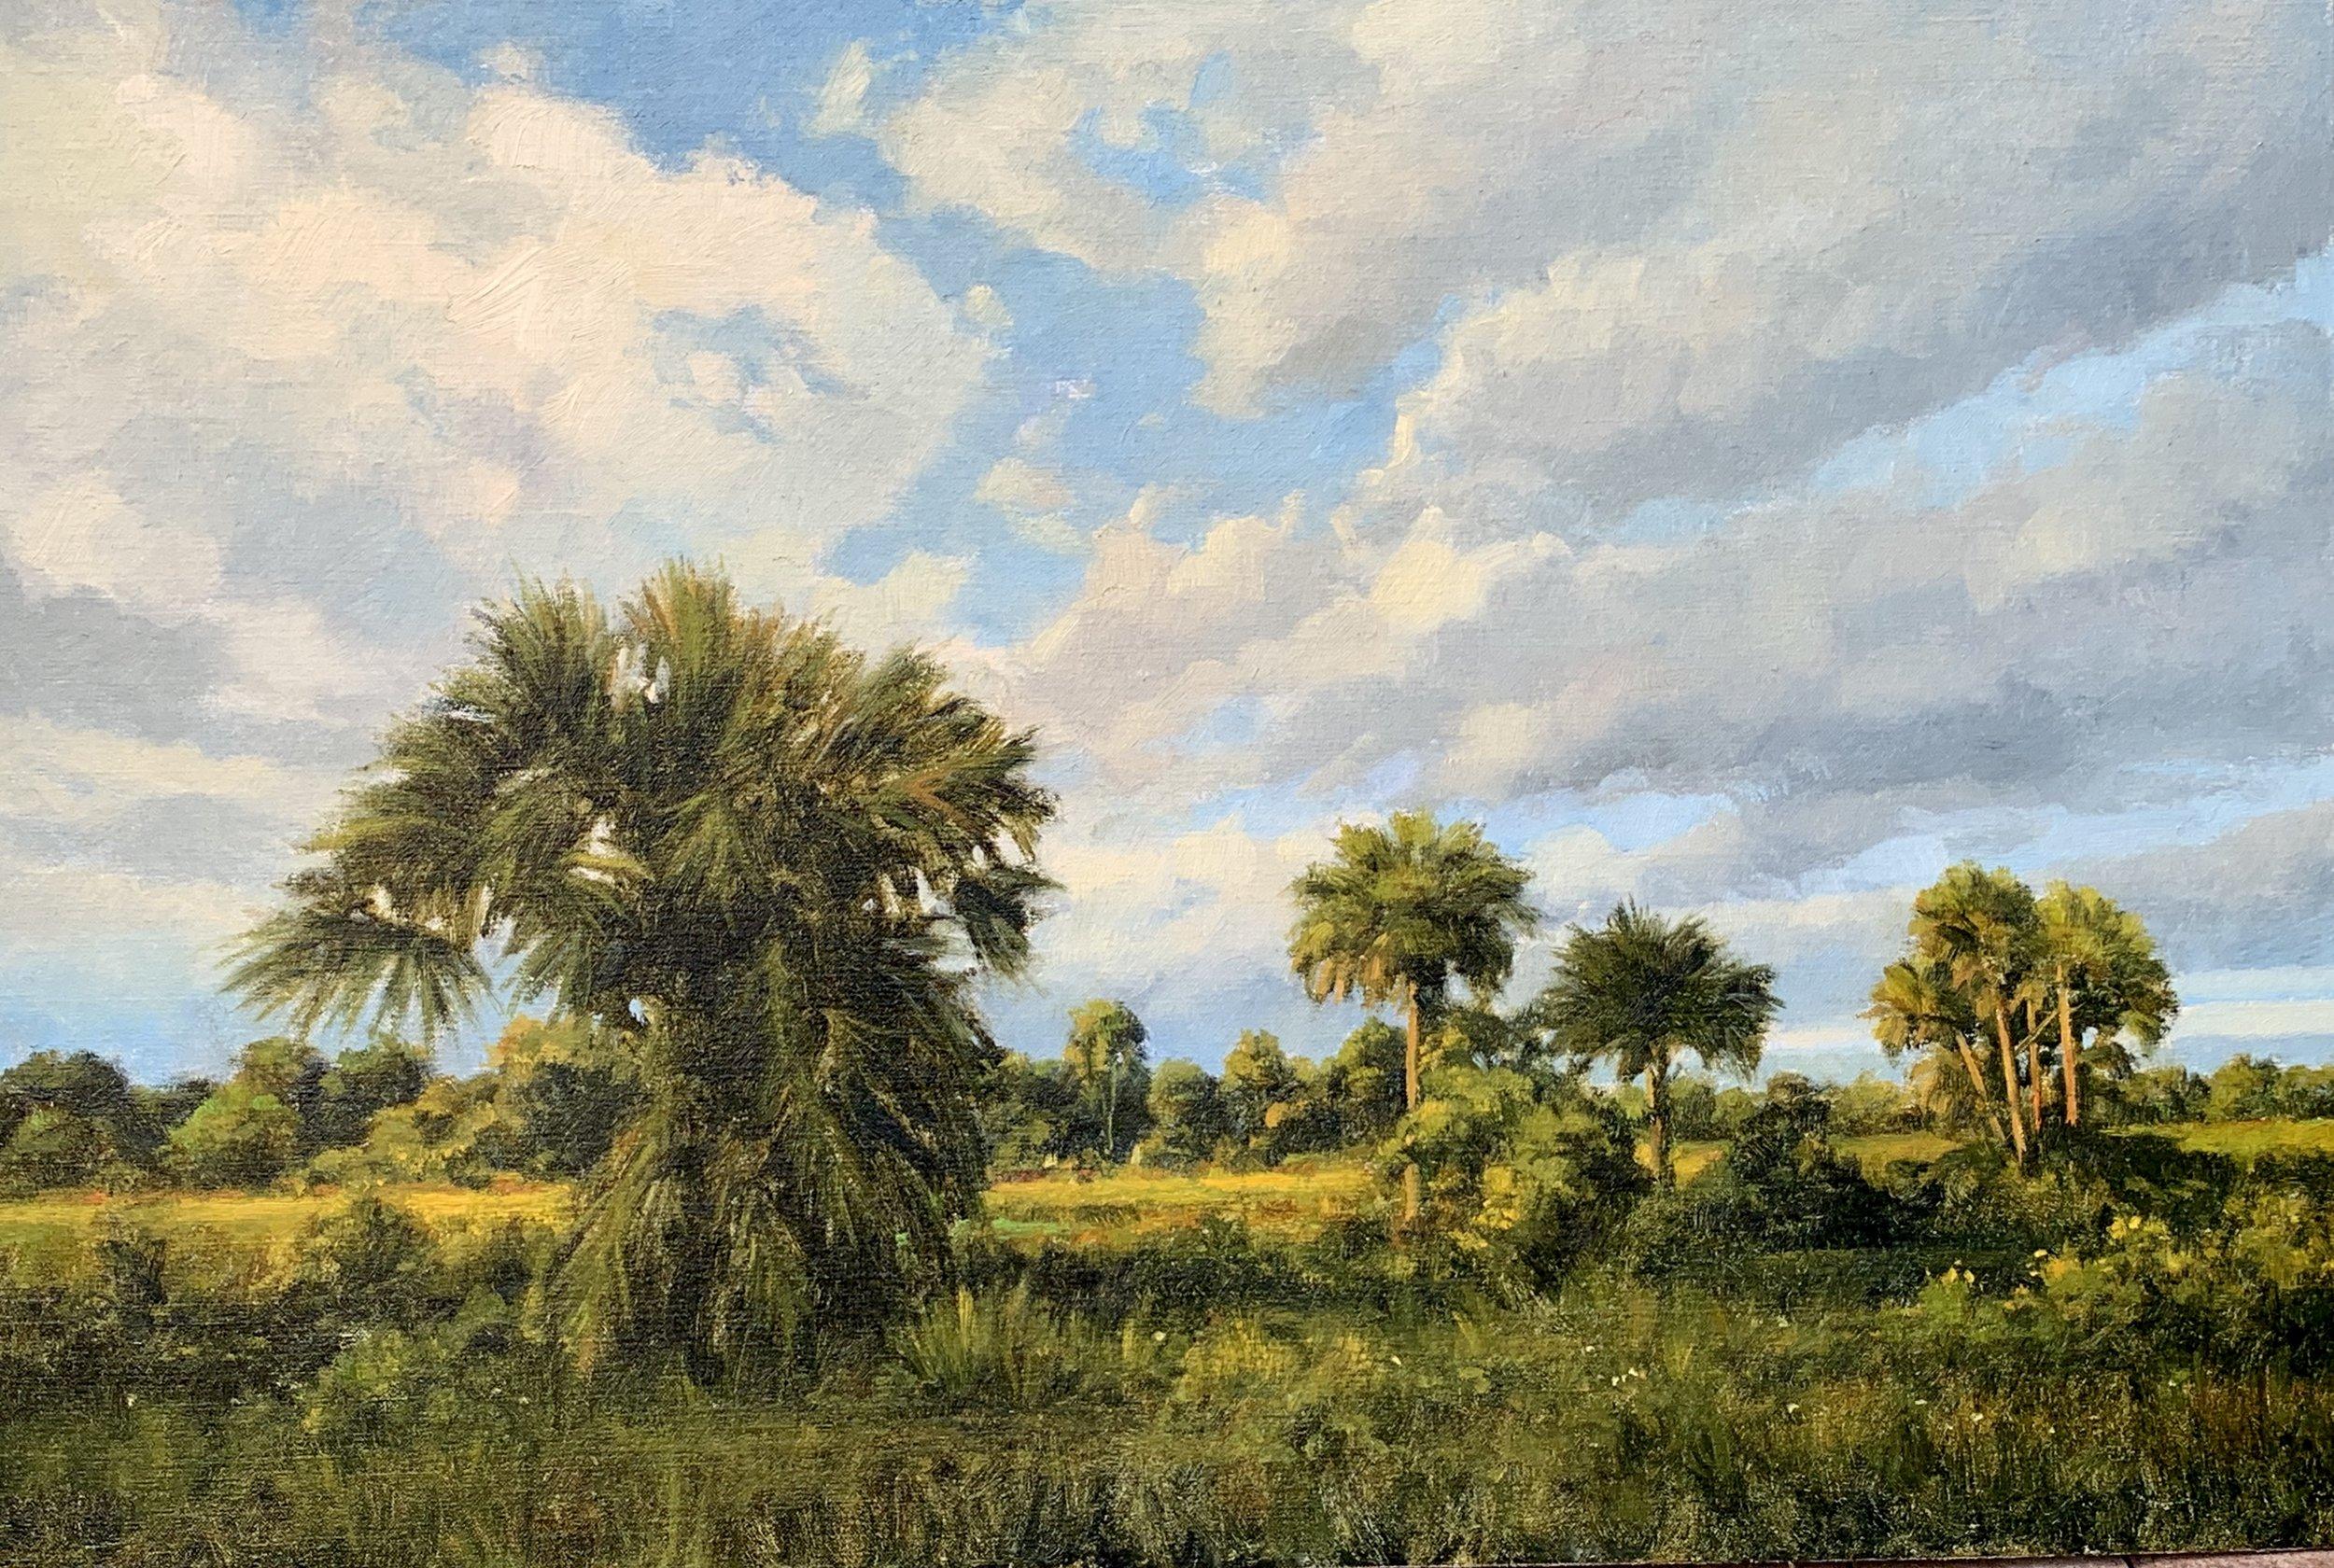 Silent Prairie,  2018-19 Oil on canvas 20 x 30 inches